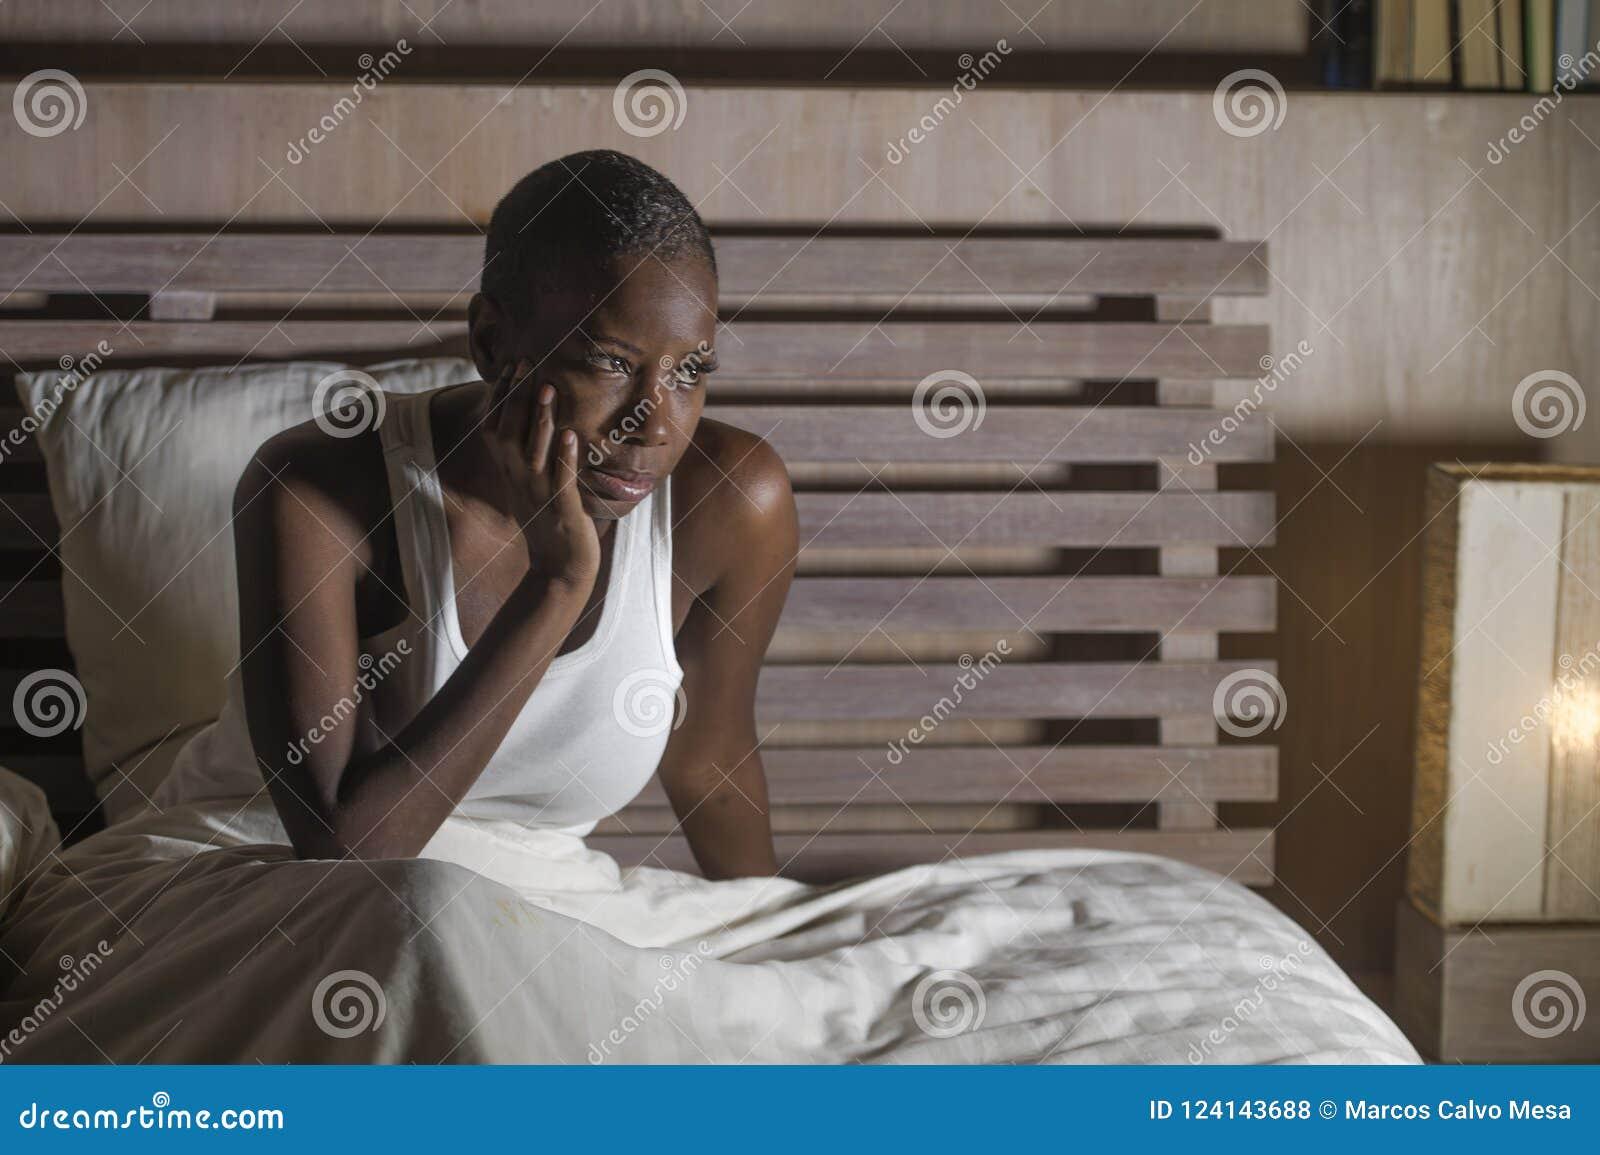 床失眠的感觉绝望担心的遭受的消沉问题失眠的年轻哀伤的沮丧的黑人非裔美国人的妇女